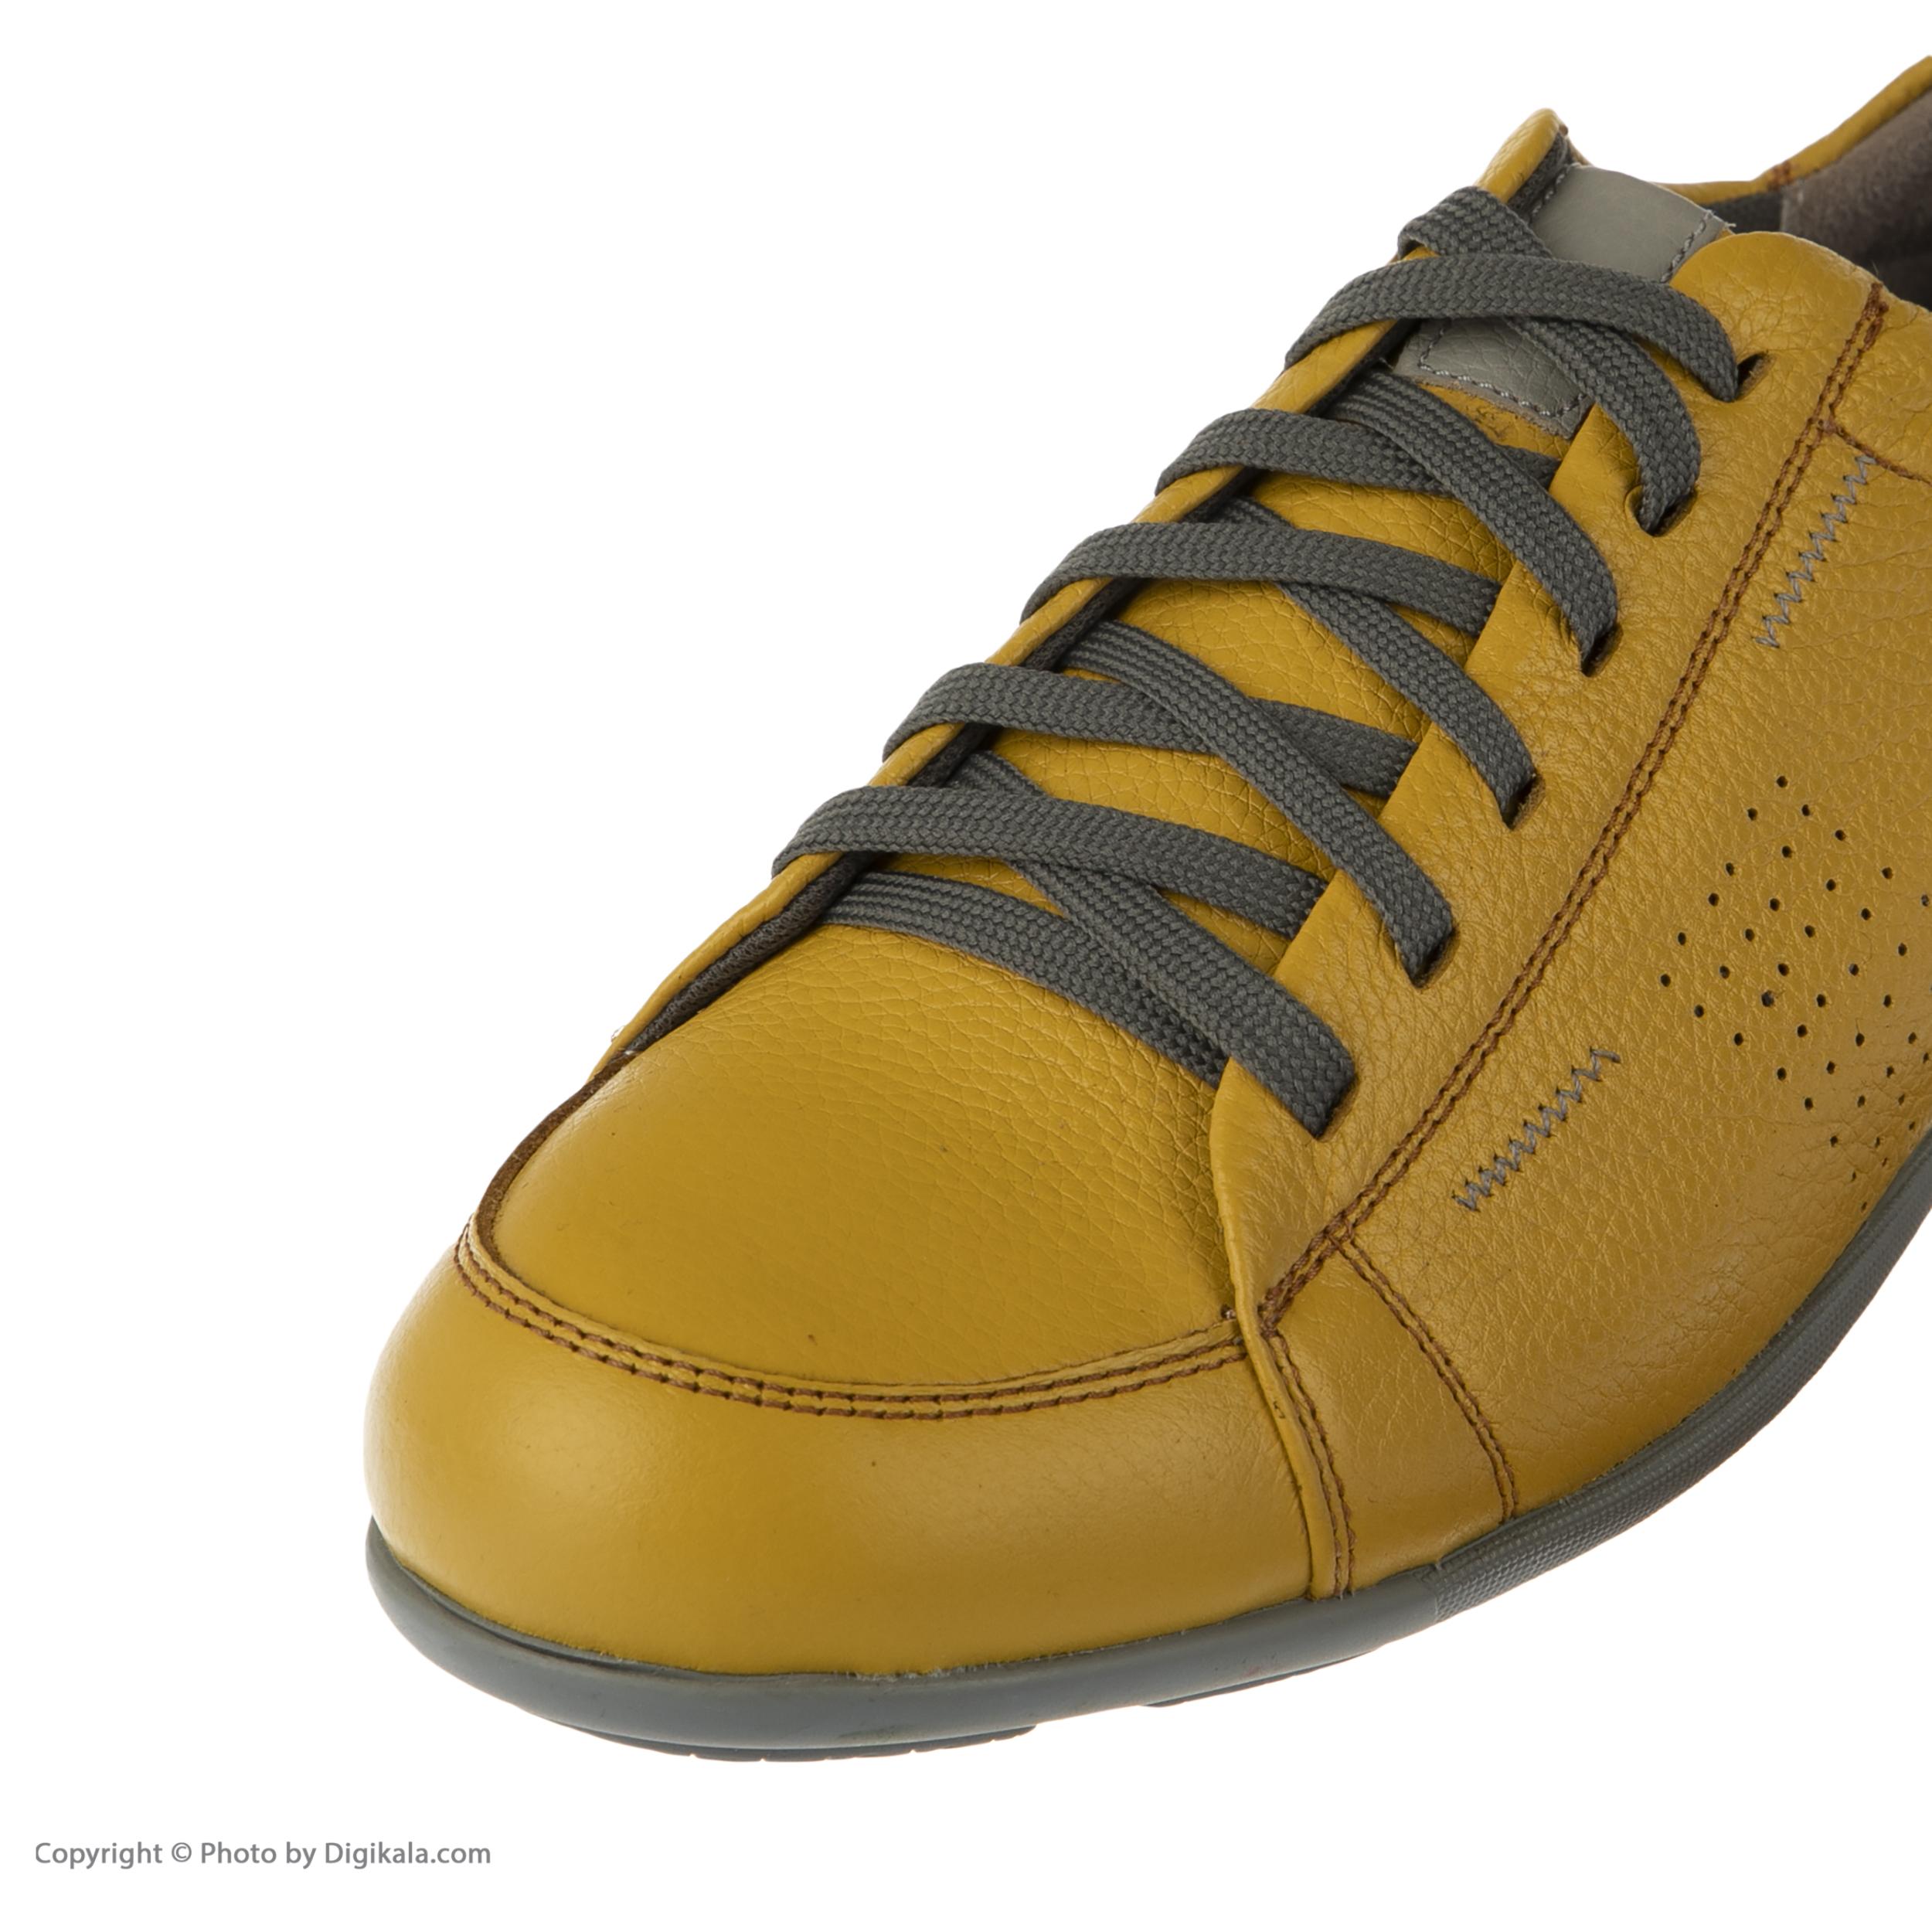 کفش روزمره زنانه شهر چرم مدل so42319 -  - 6